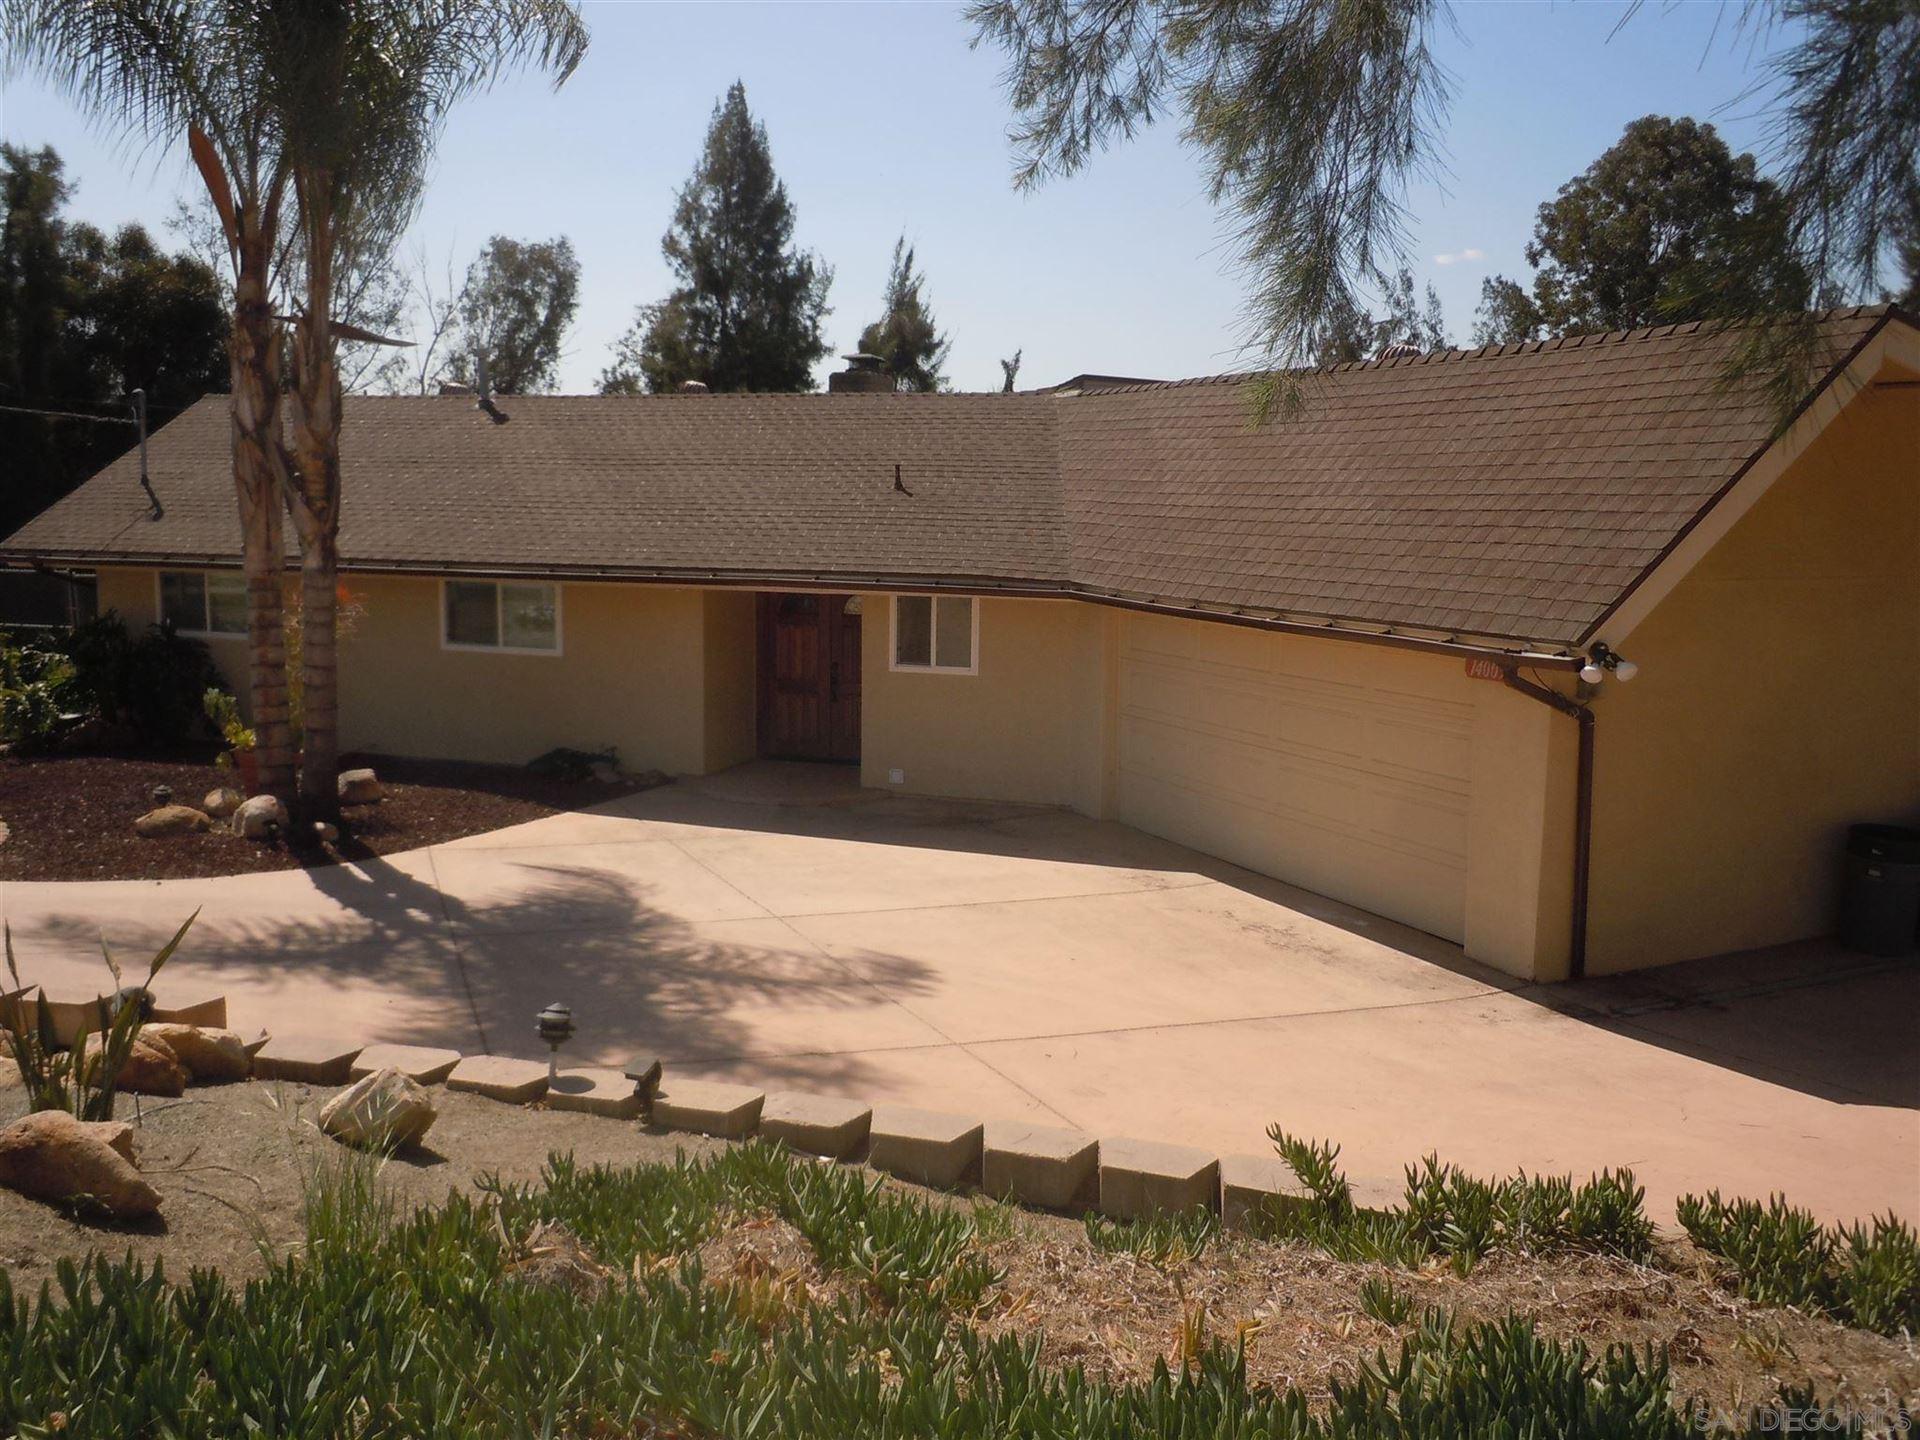 Photo of 14009 Earie, Poway, CA 92064 (MLS # 210008458)